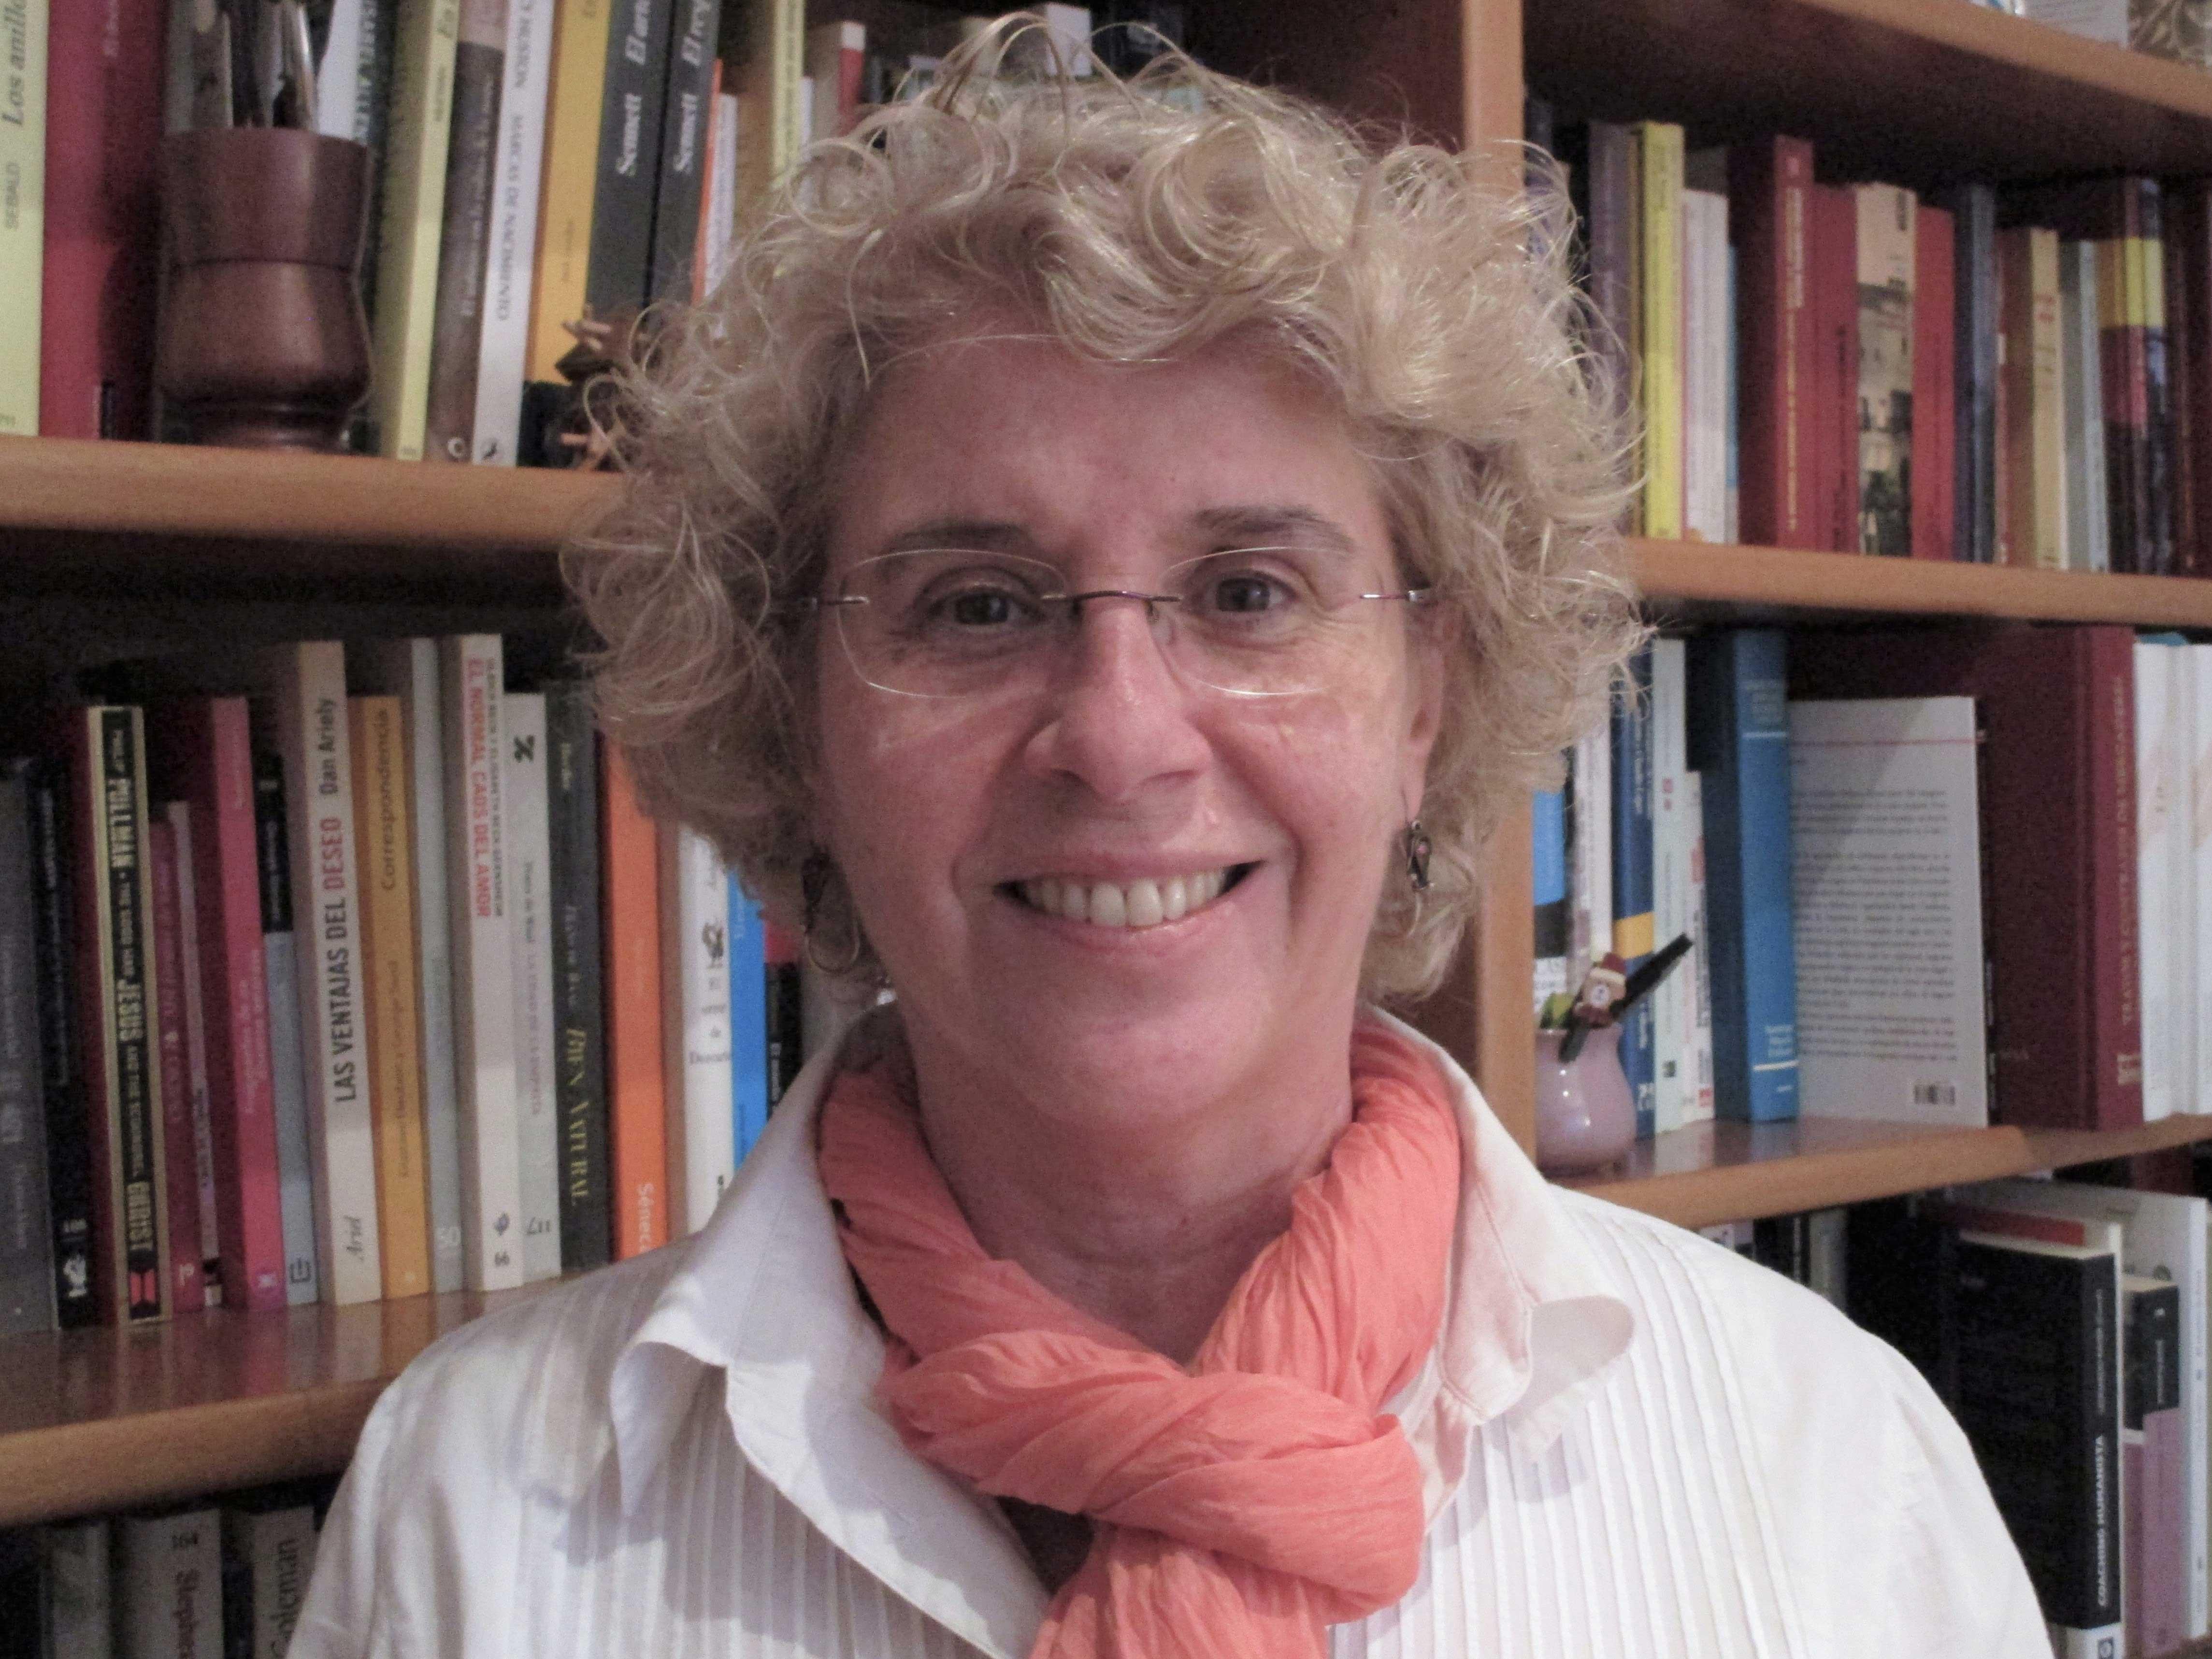 Yolanda Blasco